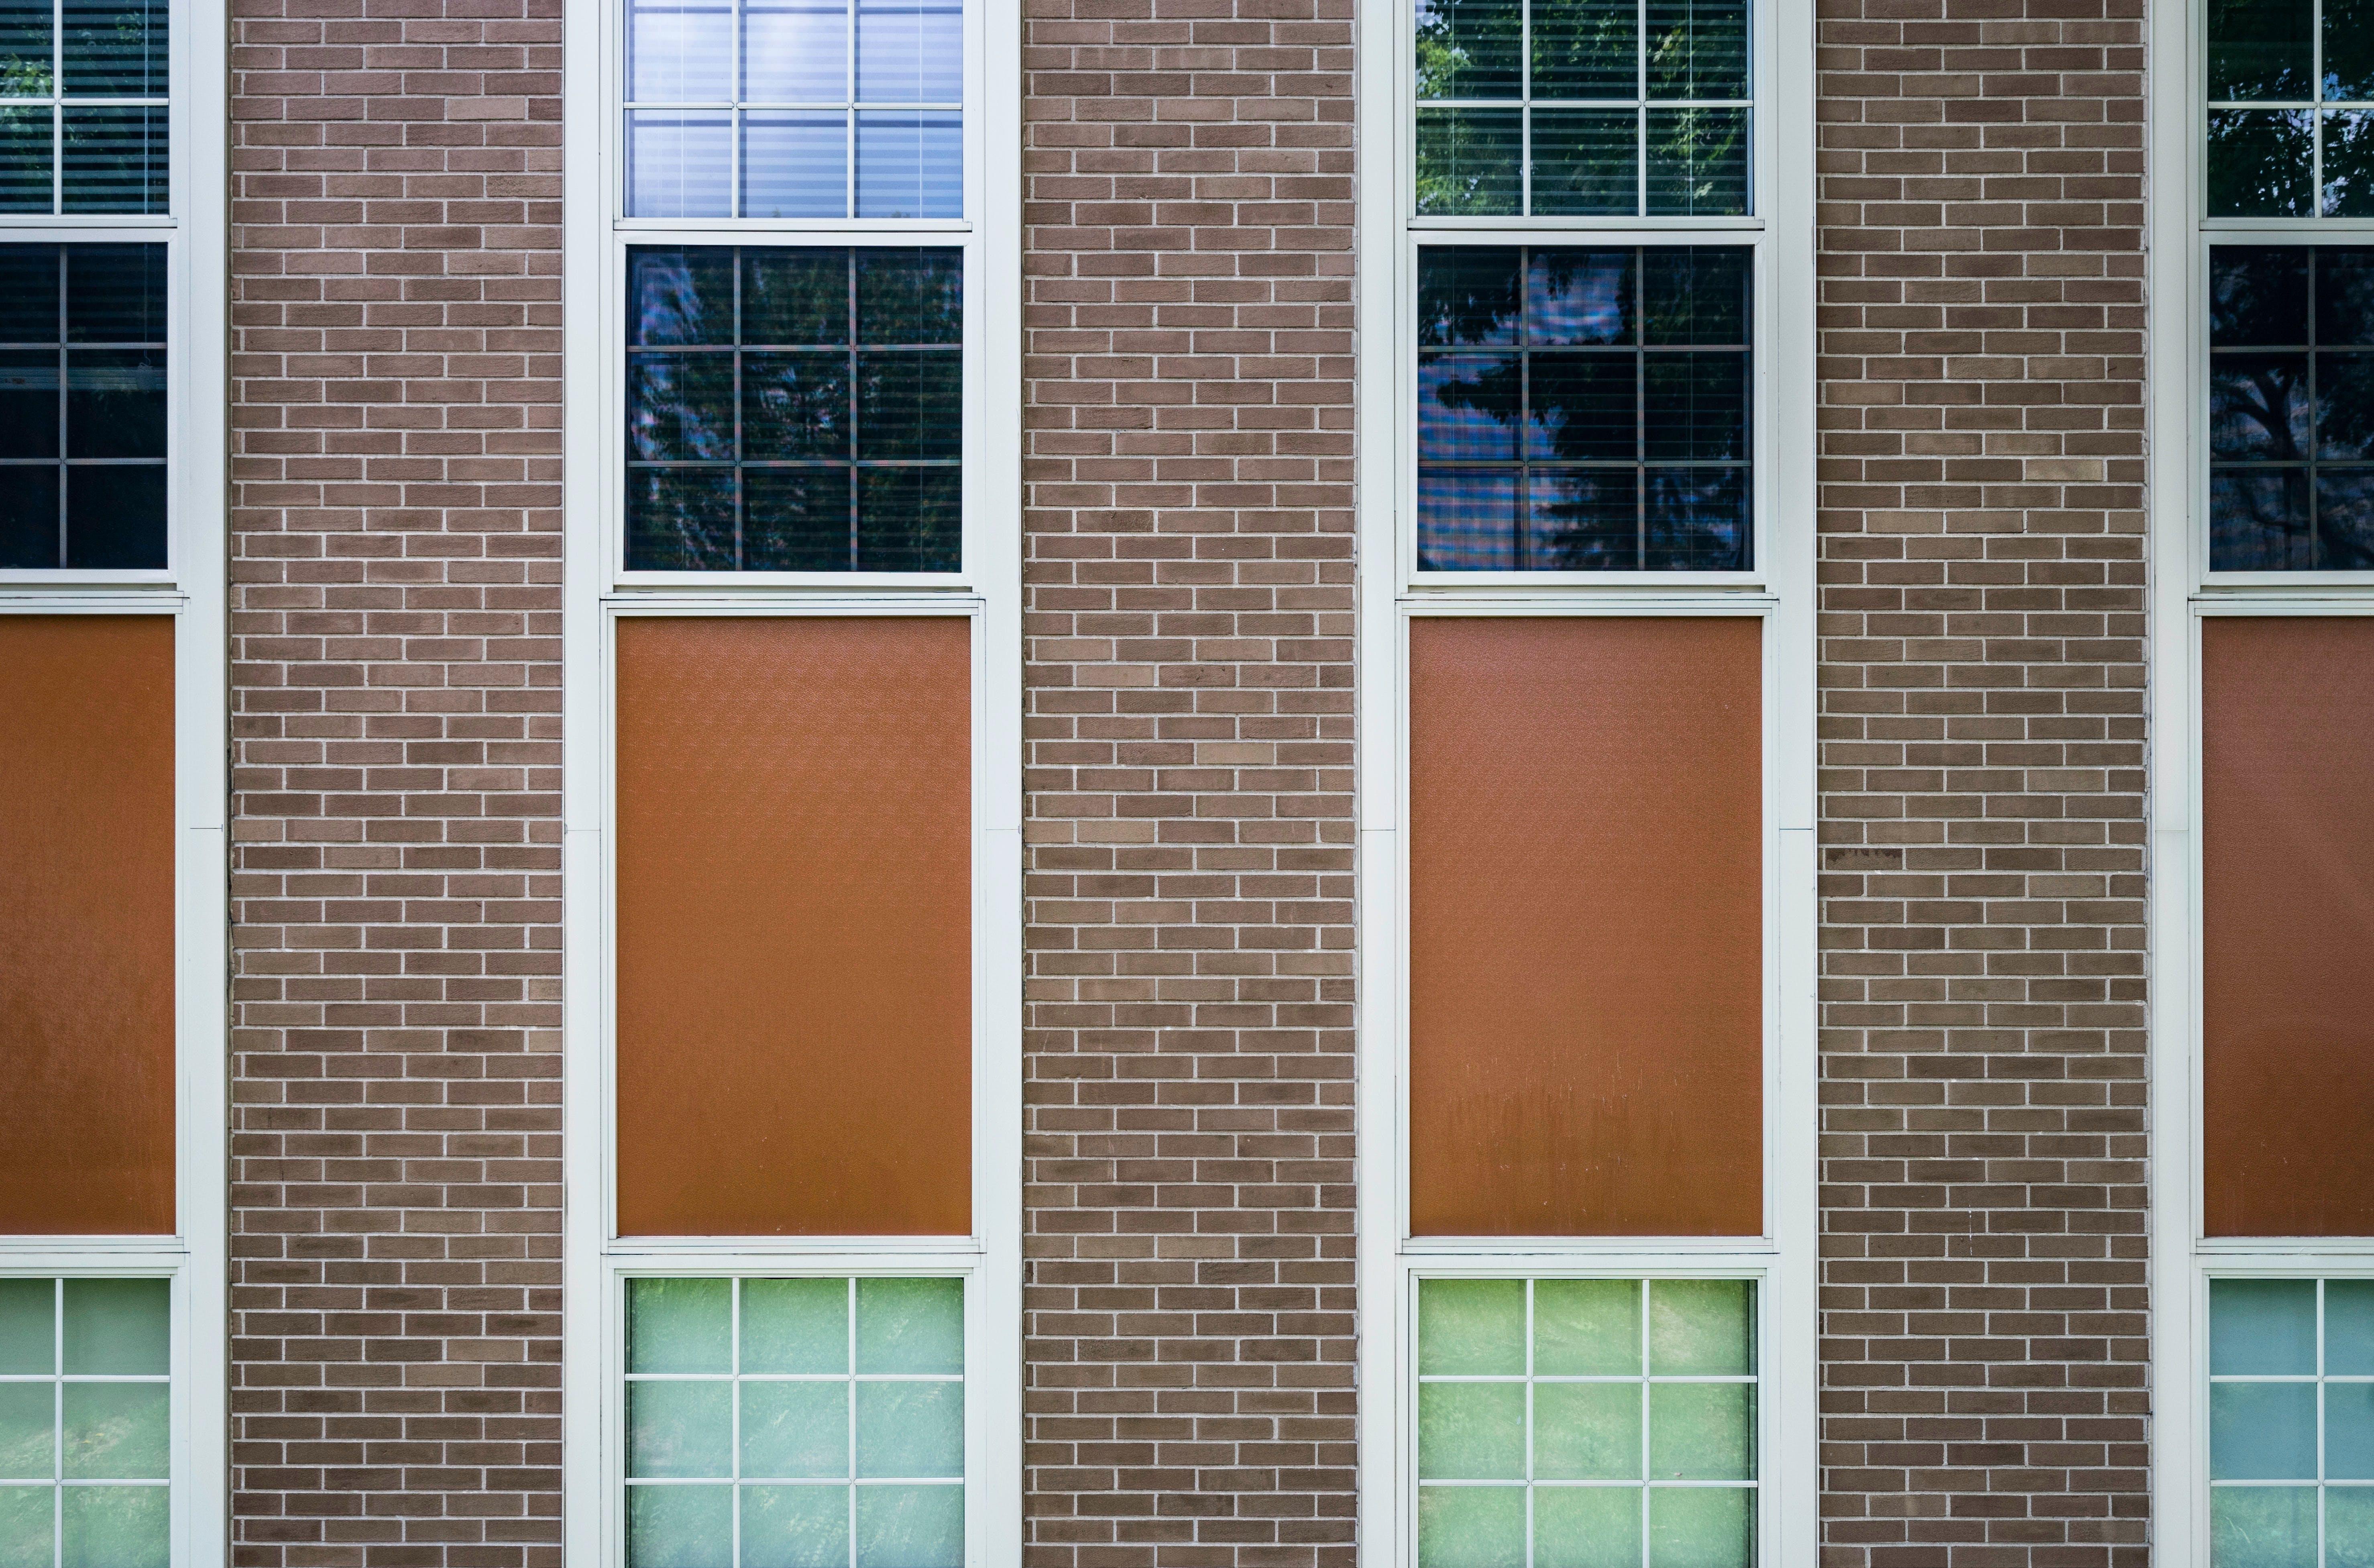 architectural design, architecture, brick